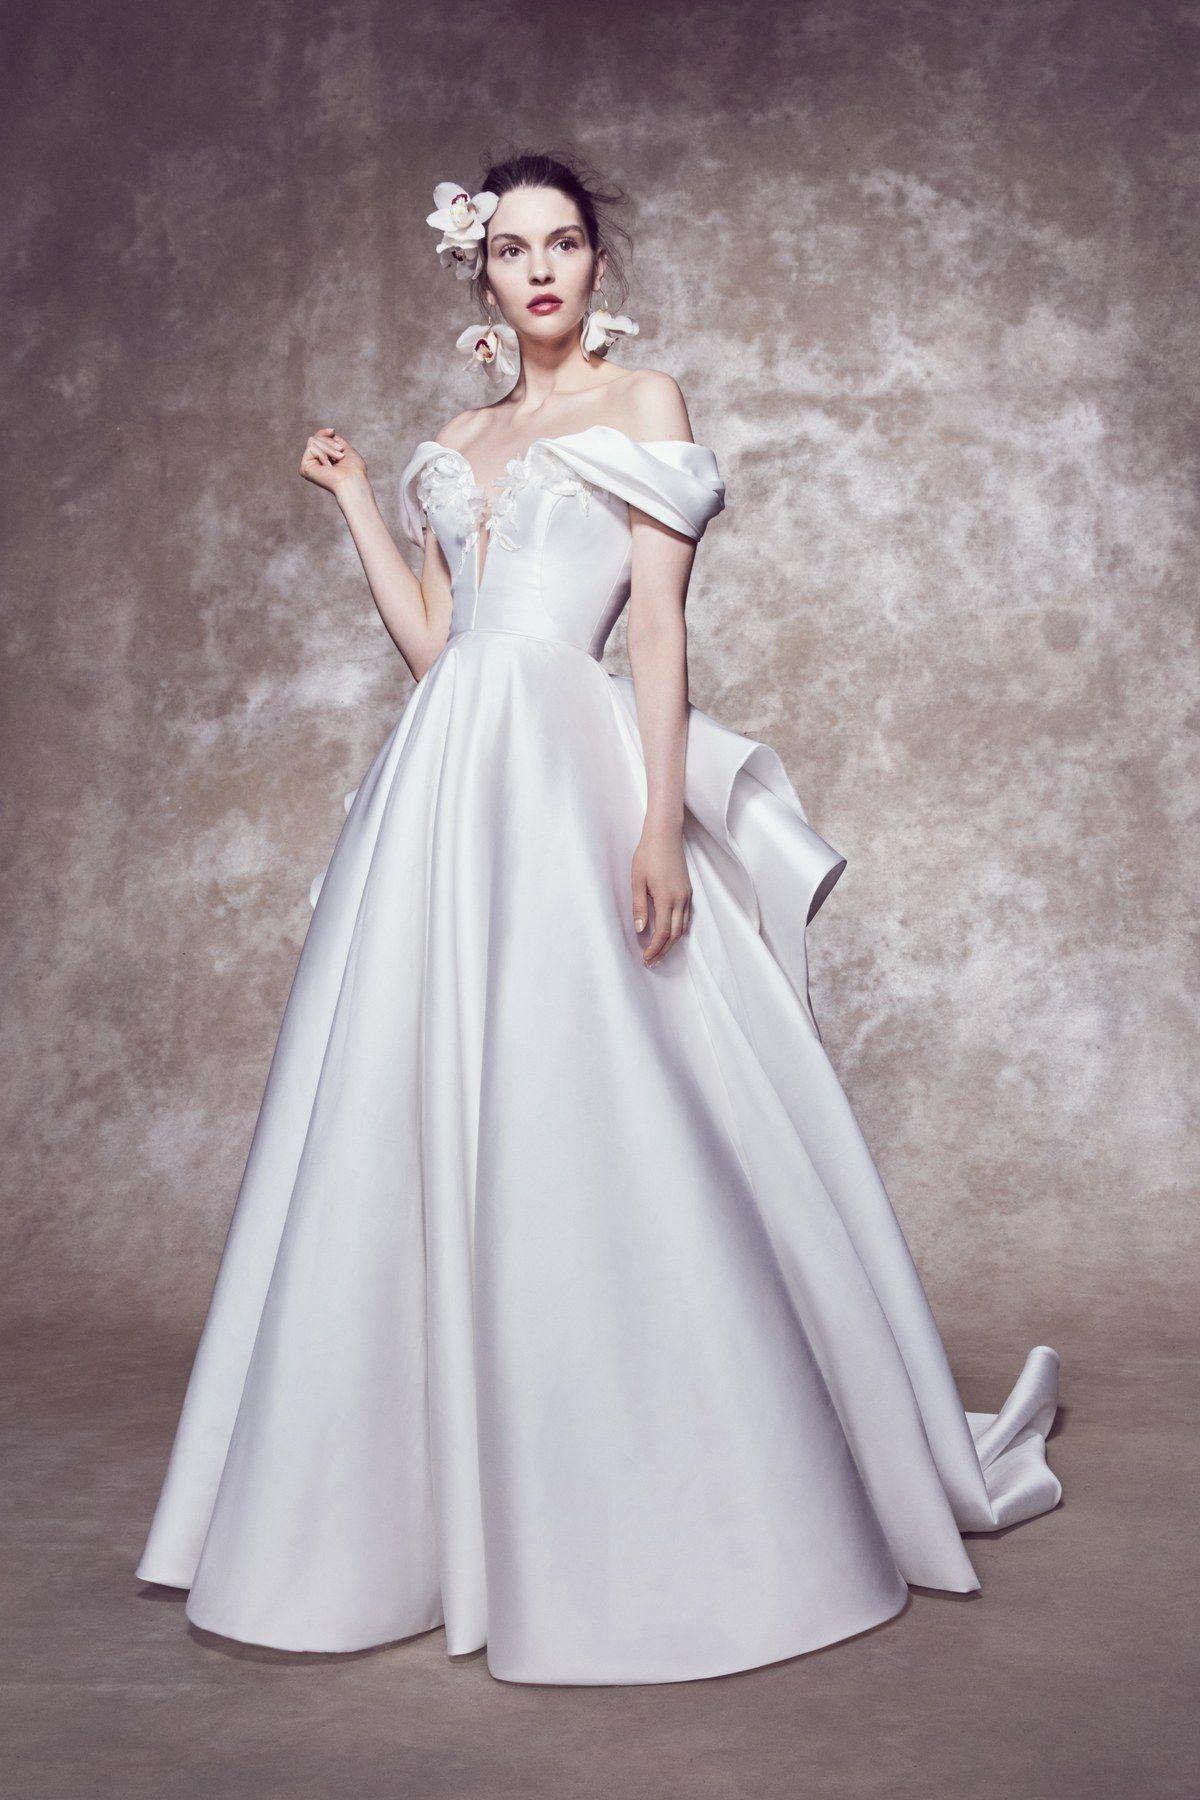 Marchesa Bridal Spring 2020 Fashion Show Marchesa Bridal Amazing Wedding Dress Wedding Dresses